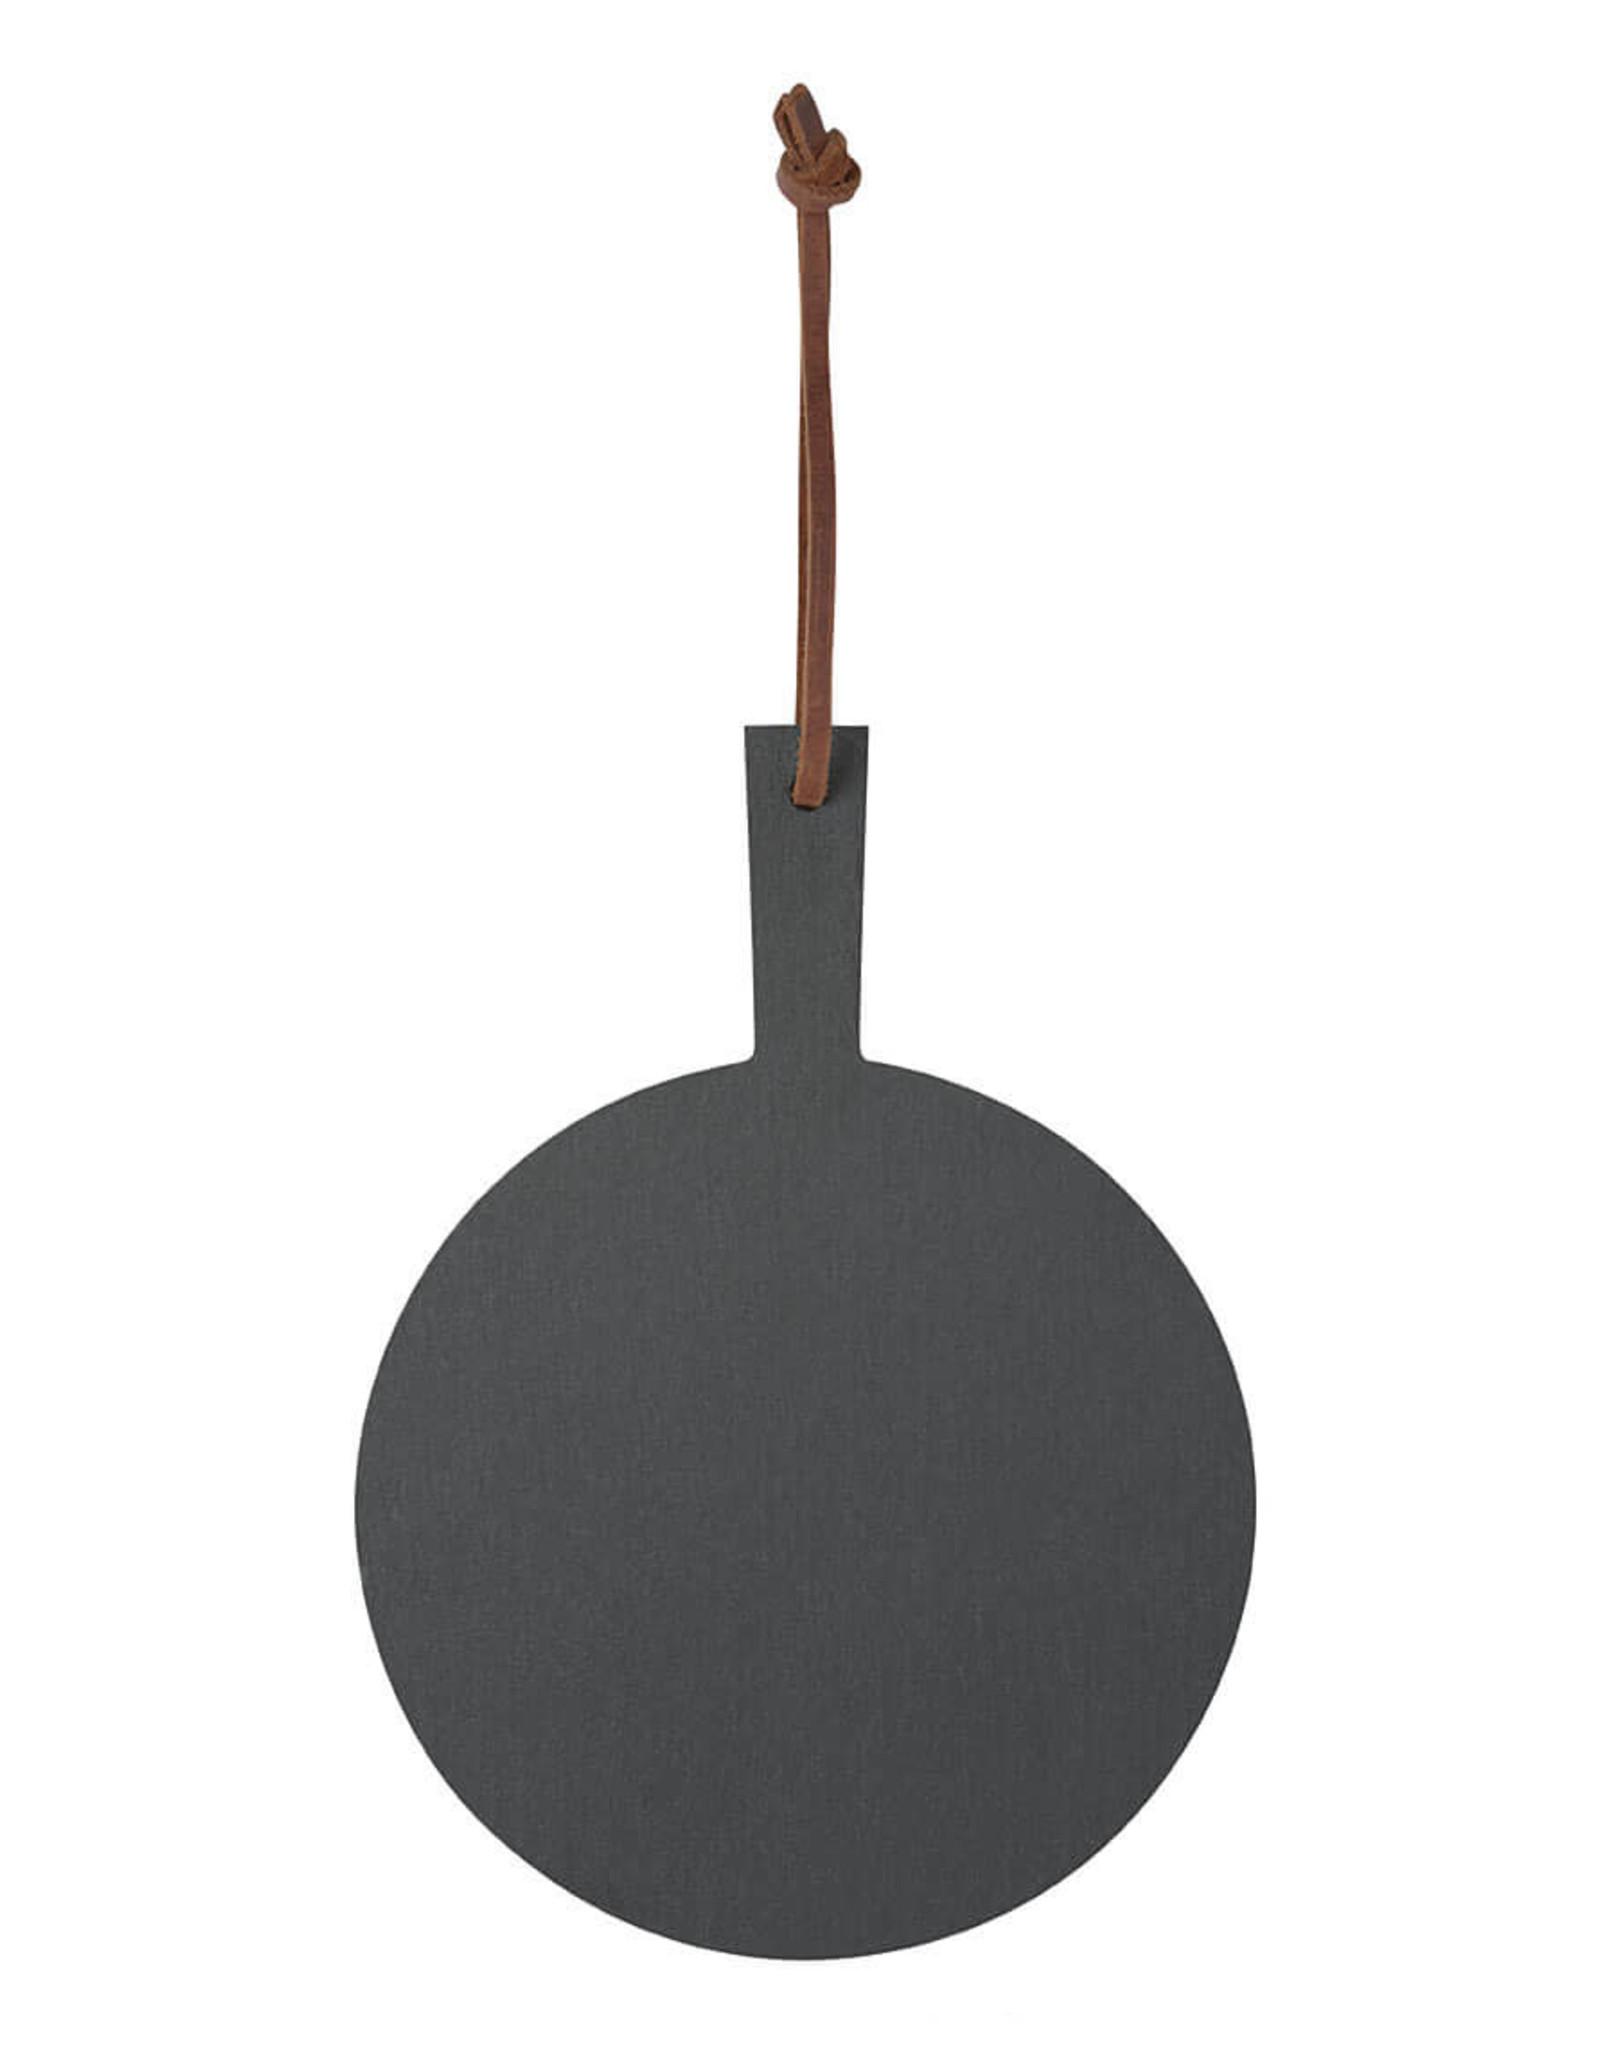 Räder Rader - Little slate board round, dia 12,5